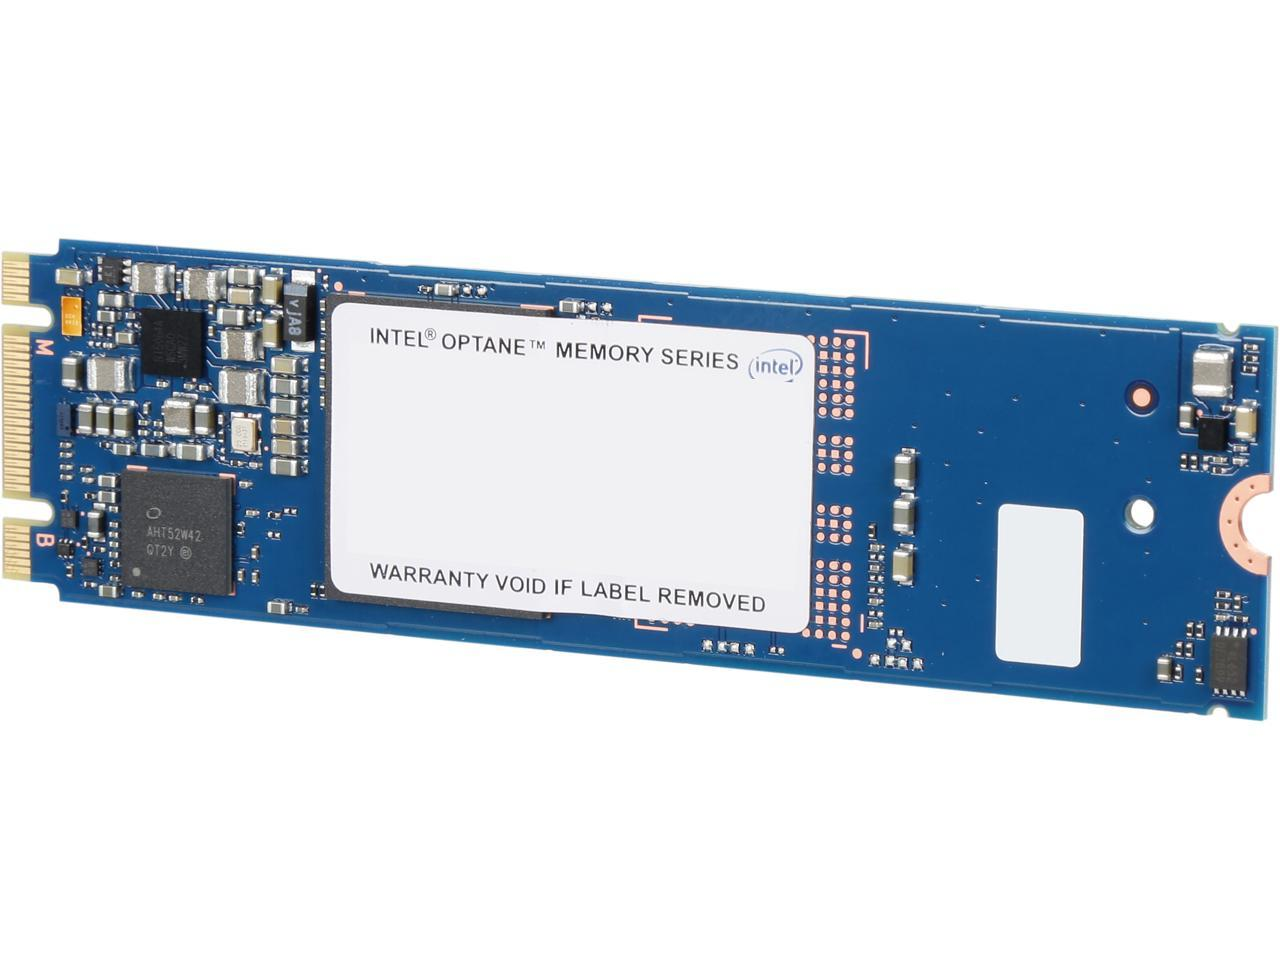 16 GB Intel MEMPEK1J016GAD Intel Optane Solid State Drive M.2 PCIE NVME 3.0 X2 Renewed